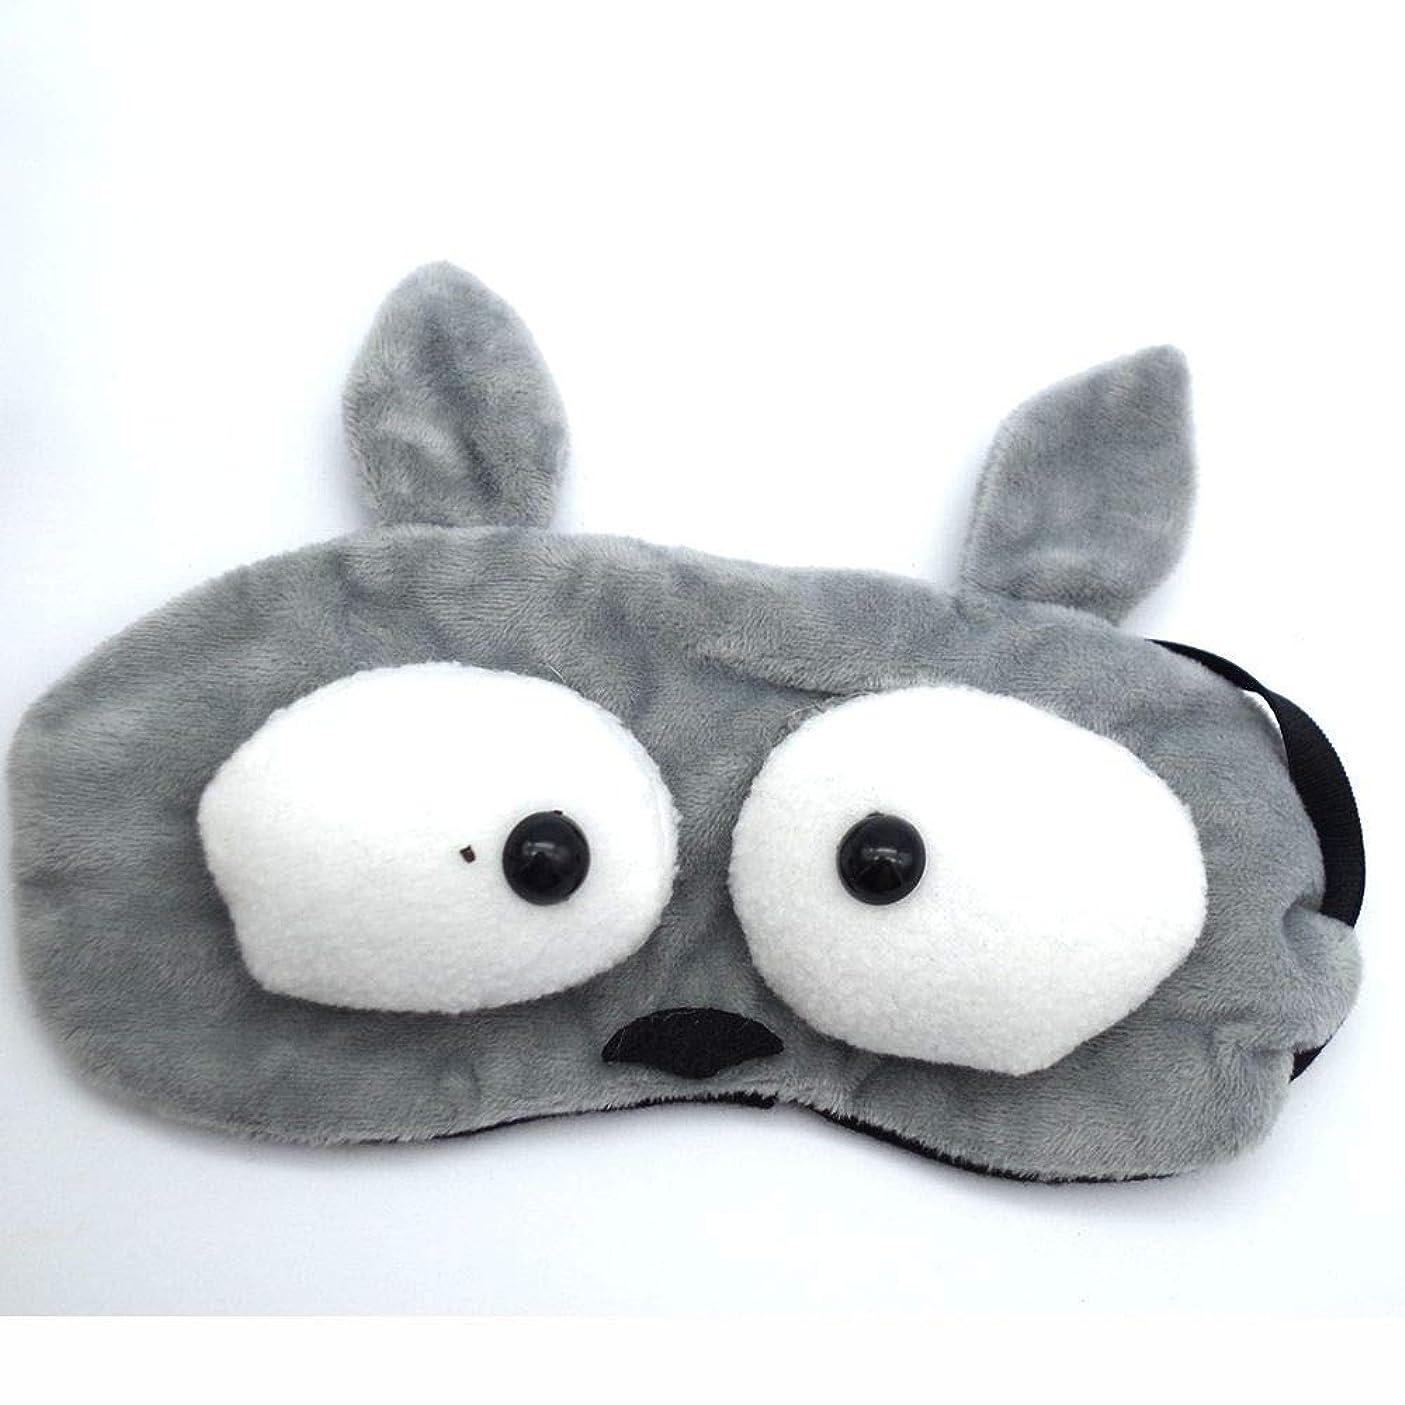 ペデスタルペングリップNOTE 1ピース動物睡眠アイマスクパッド入りシェードカバー目隠し睡眠旅行リラックスマスクアイカバー睡眠メイクアイケアツール